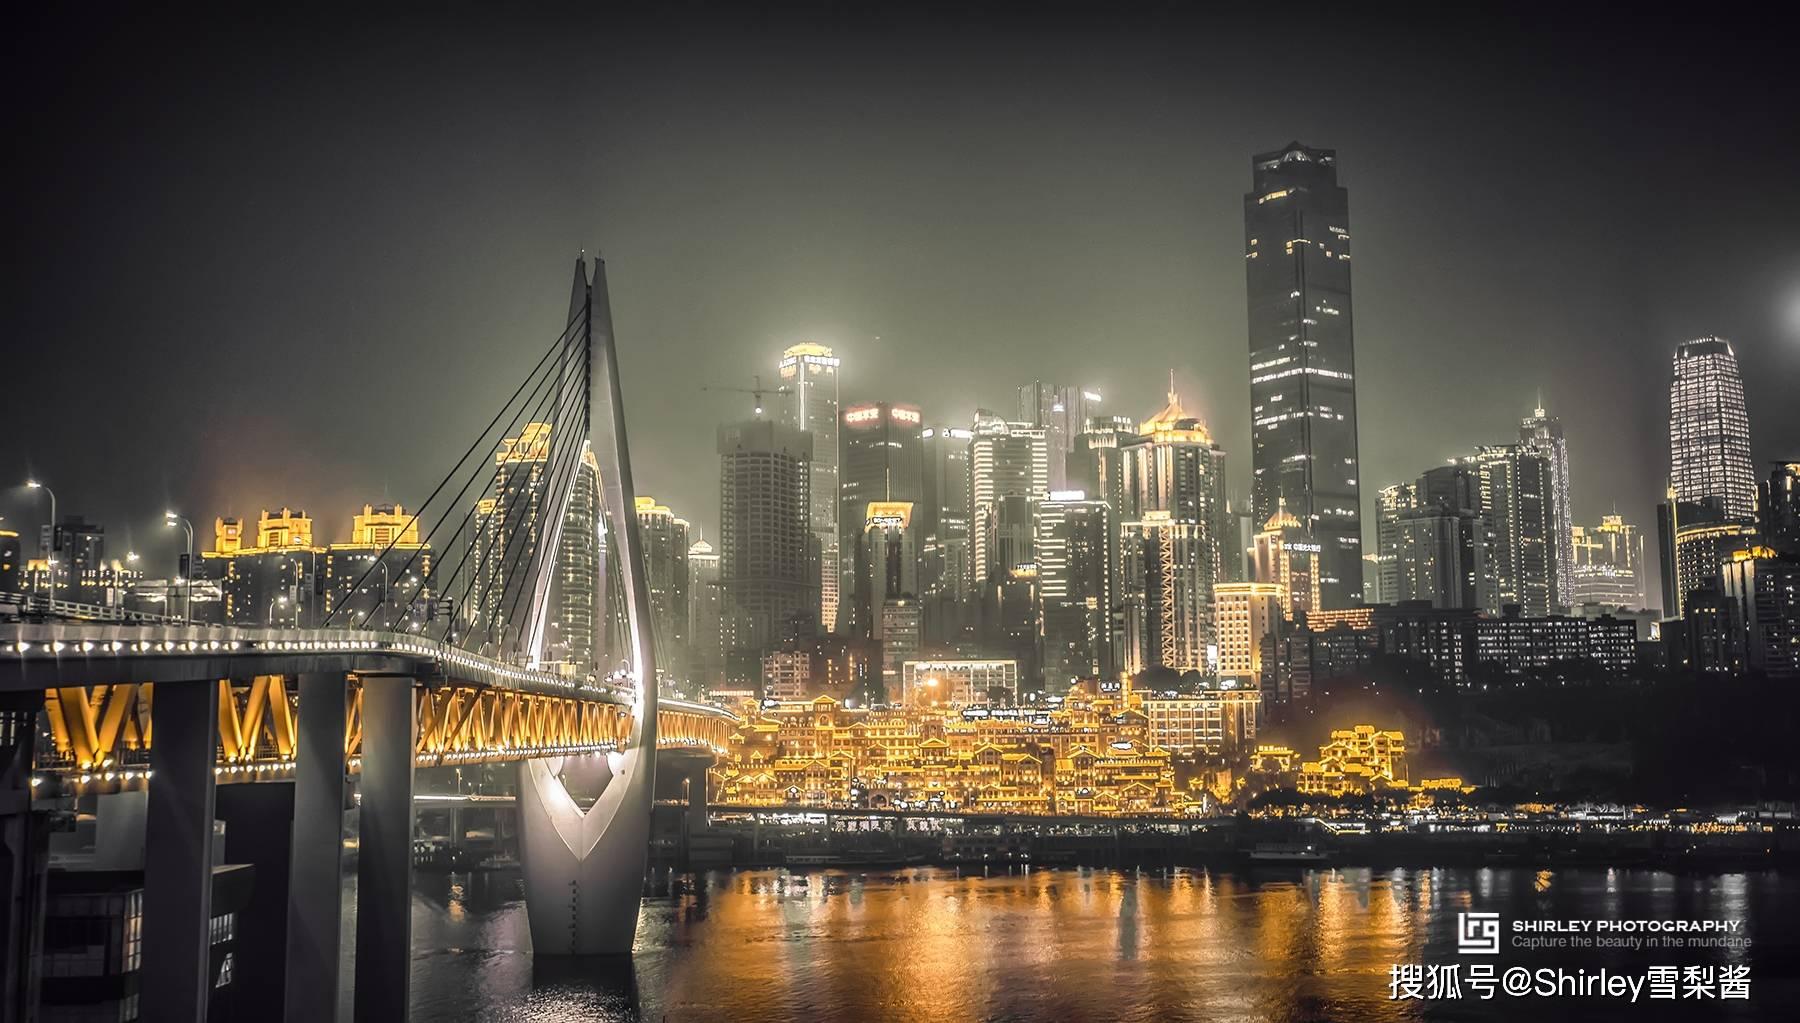 香港有多少人口面积有多大_香港2020年年中人口750万面积仅为上海六分之一